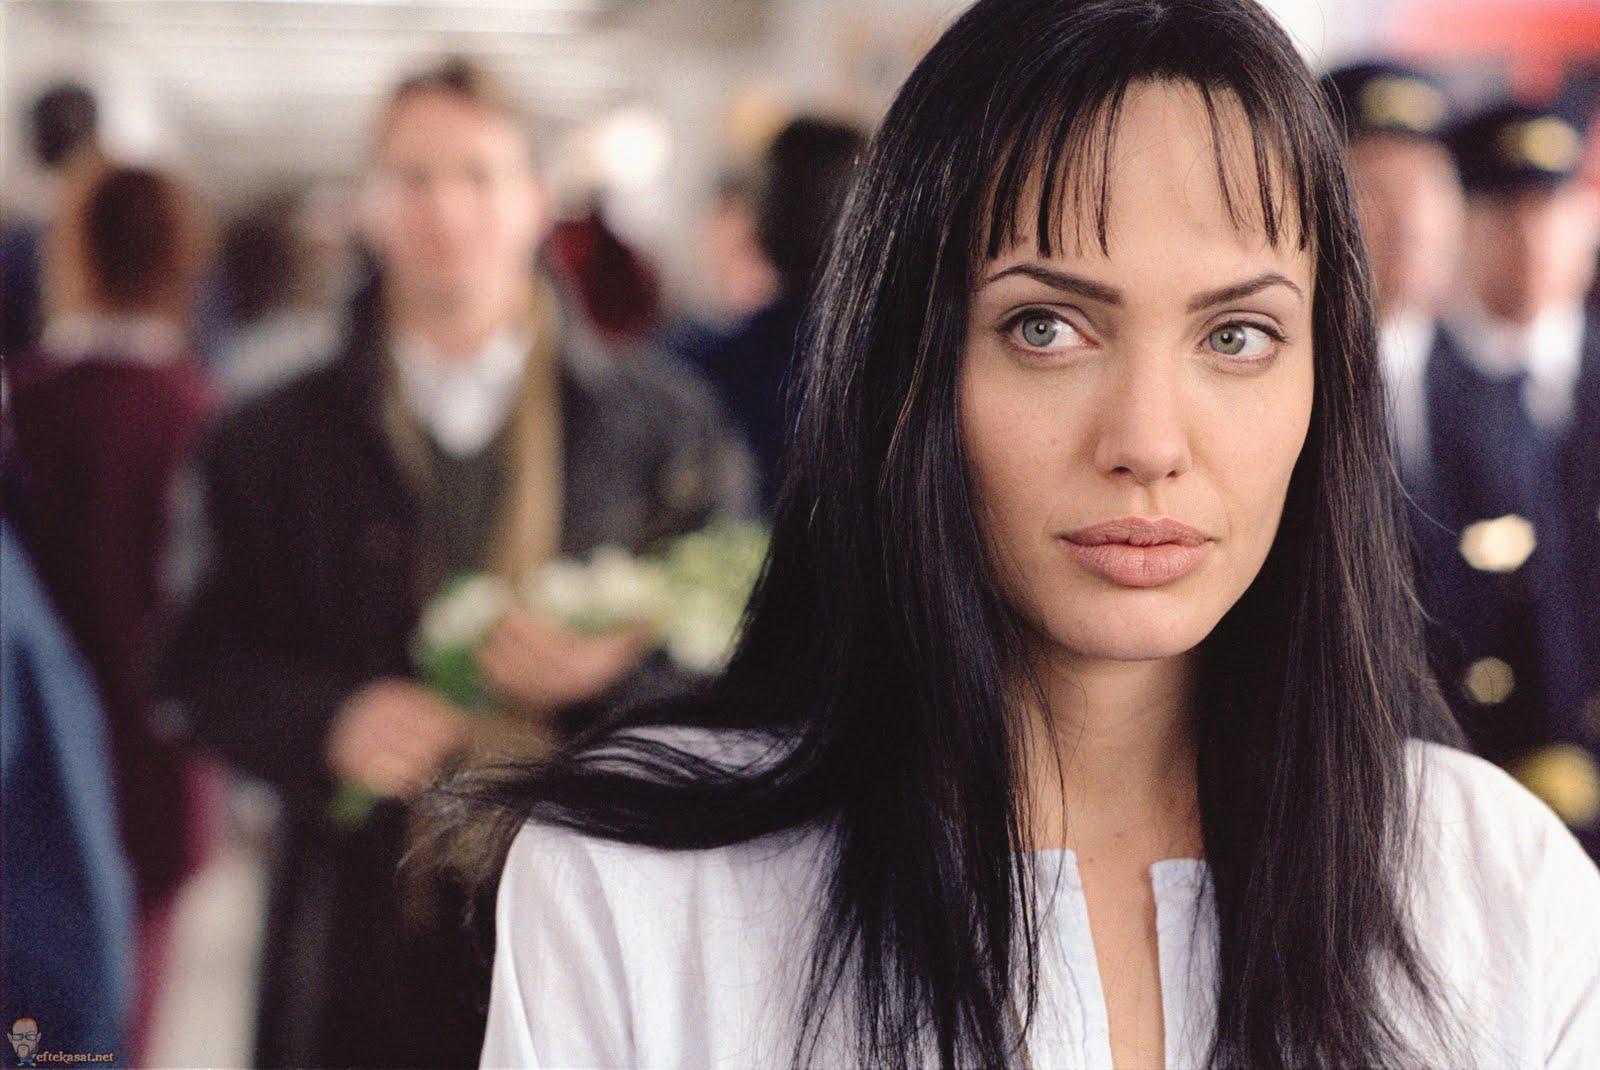 http://1.bp.blogspot.com/-nkMhPuETI-U/TmlWS-3GFMI/AAAAAAAADK0/lJnmzeV4Zio/s1600/Angelina_Jolie_beyond-borders-promo-020.jpg